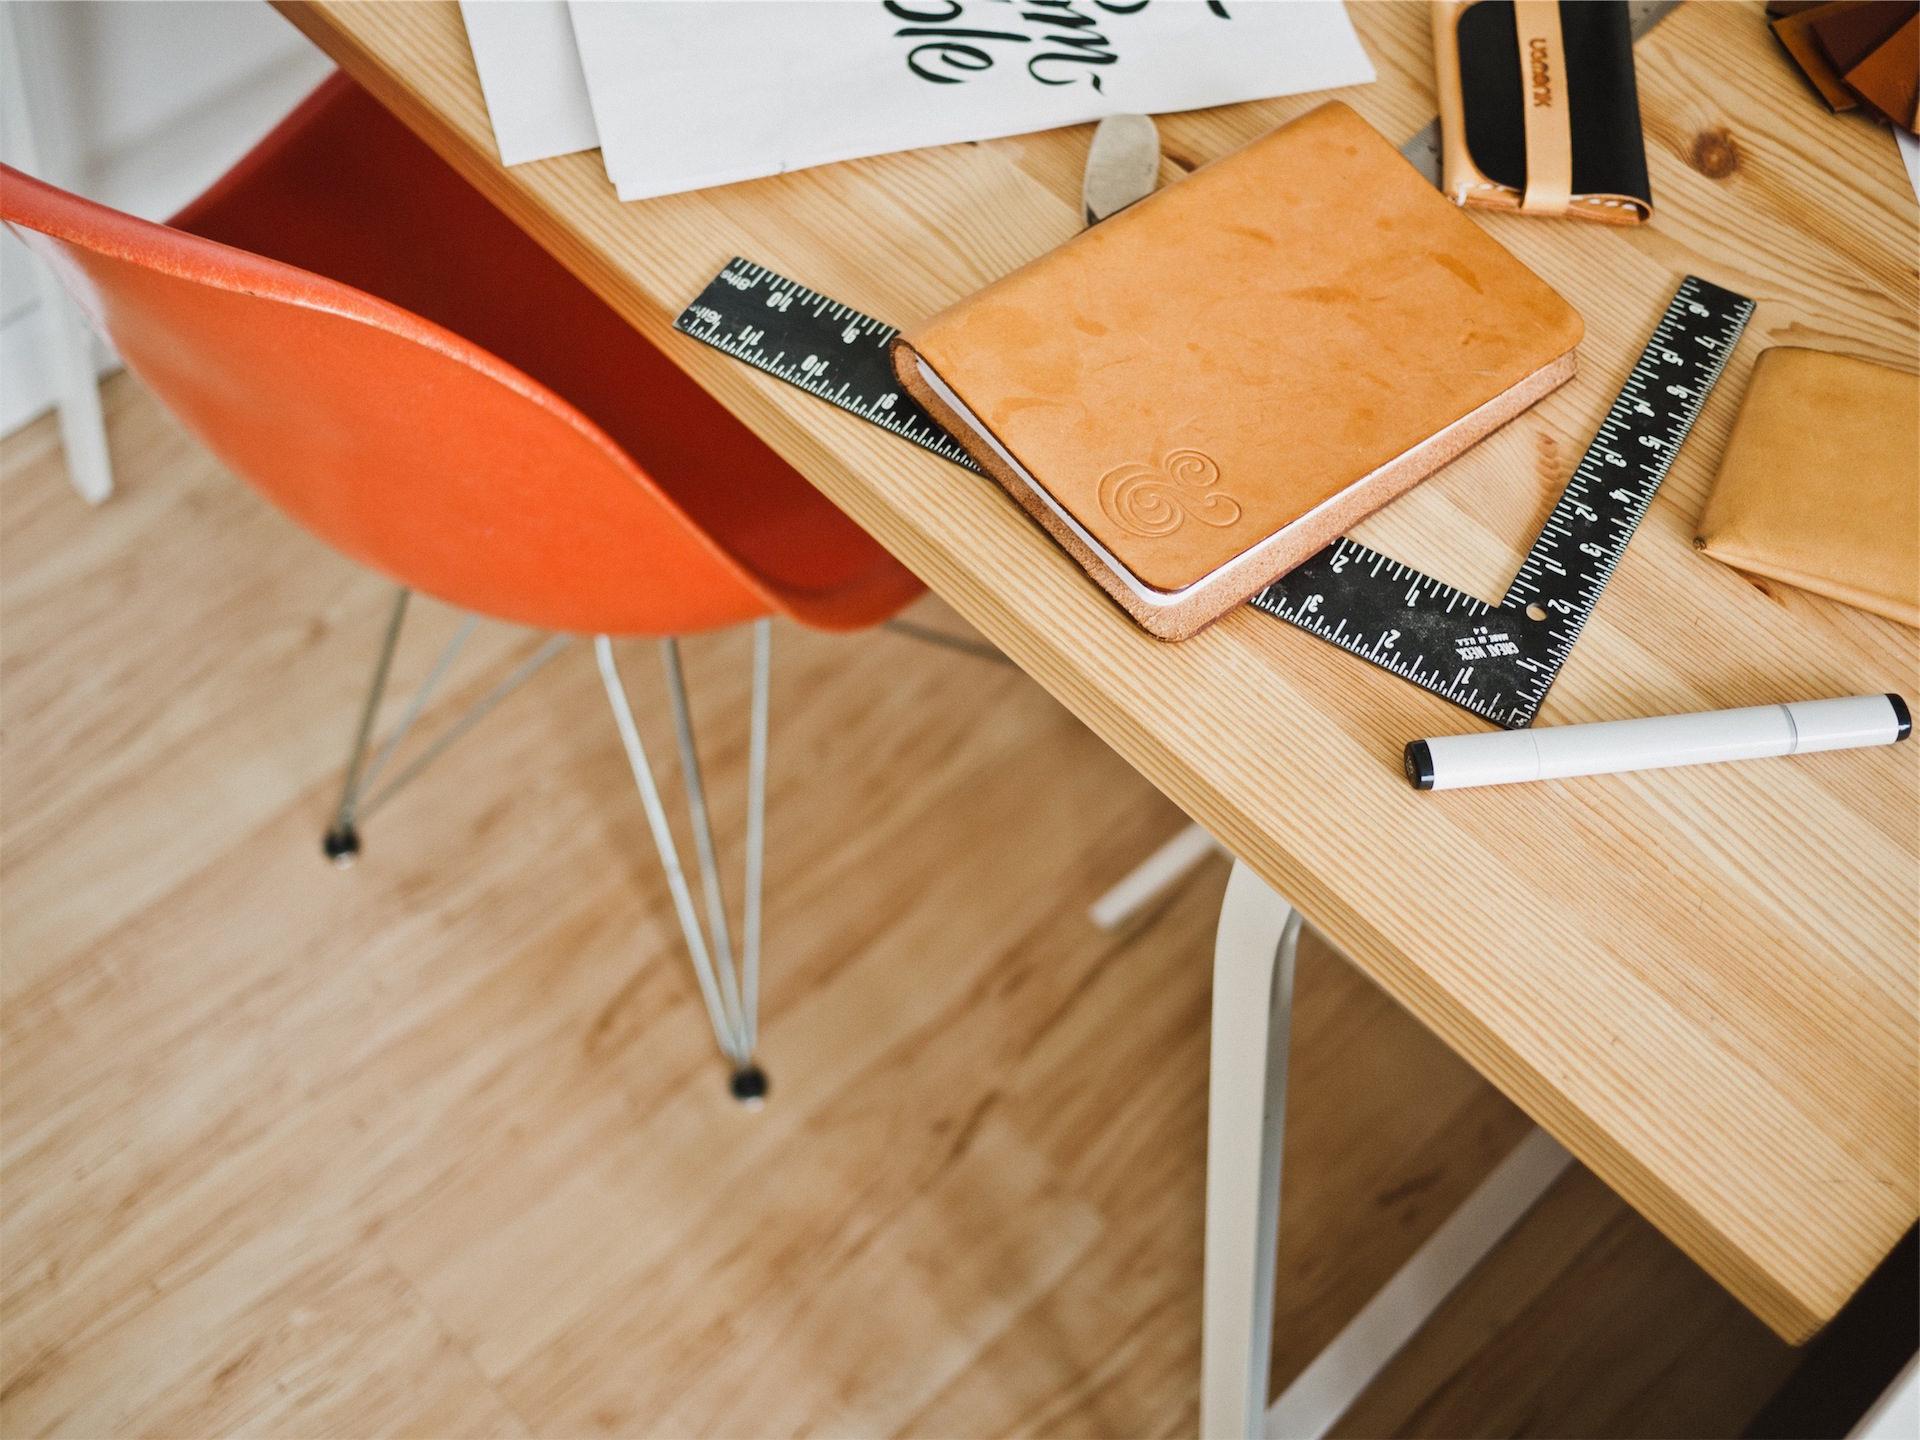 escritorio, silla, mesa, cuaderno, regla - Fondos de Pantalla HD - professor-falken.com